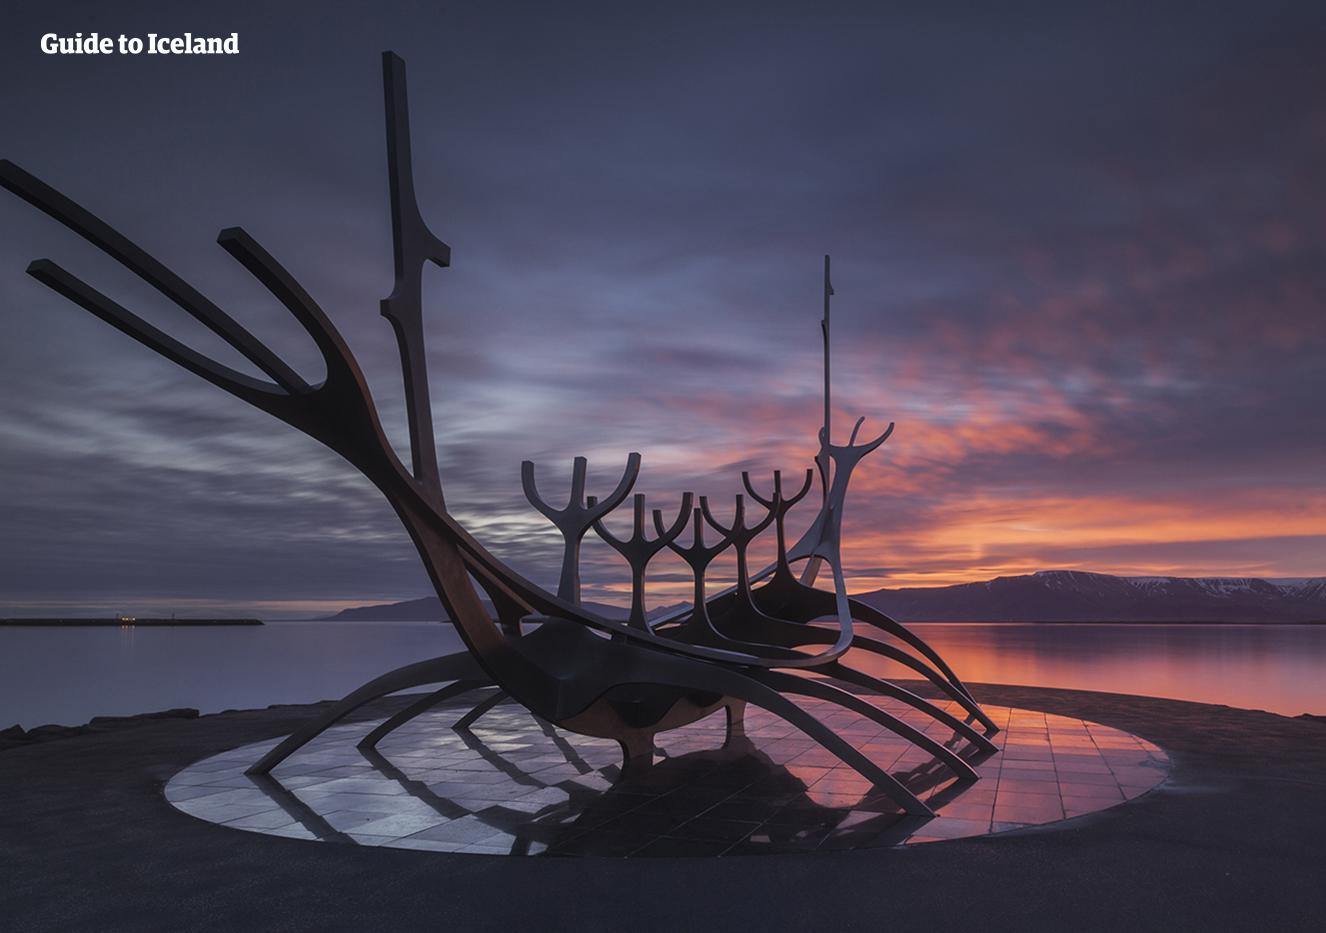 8-dniowe wakacje z samodzielną jazdą na południowym wybrzeżu Islandii i interiorem - day 1